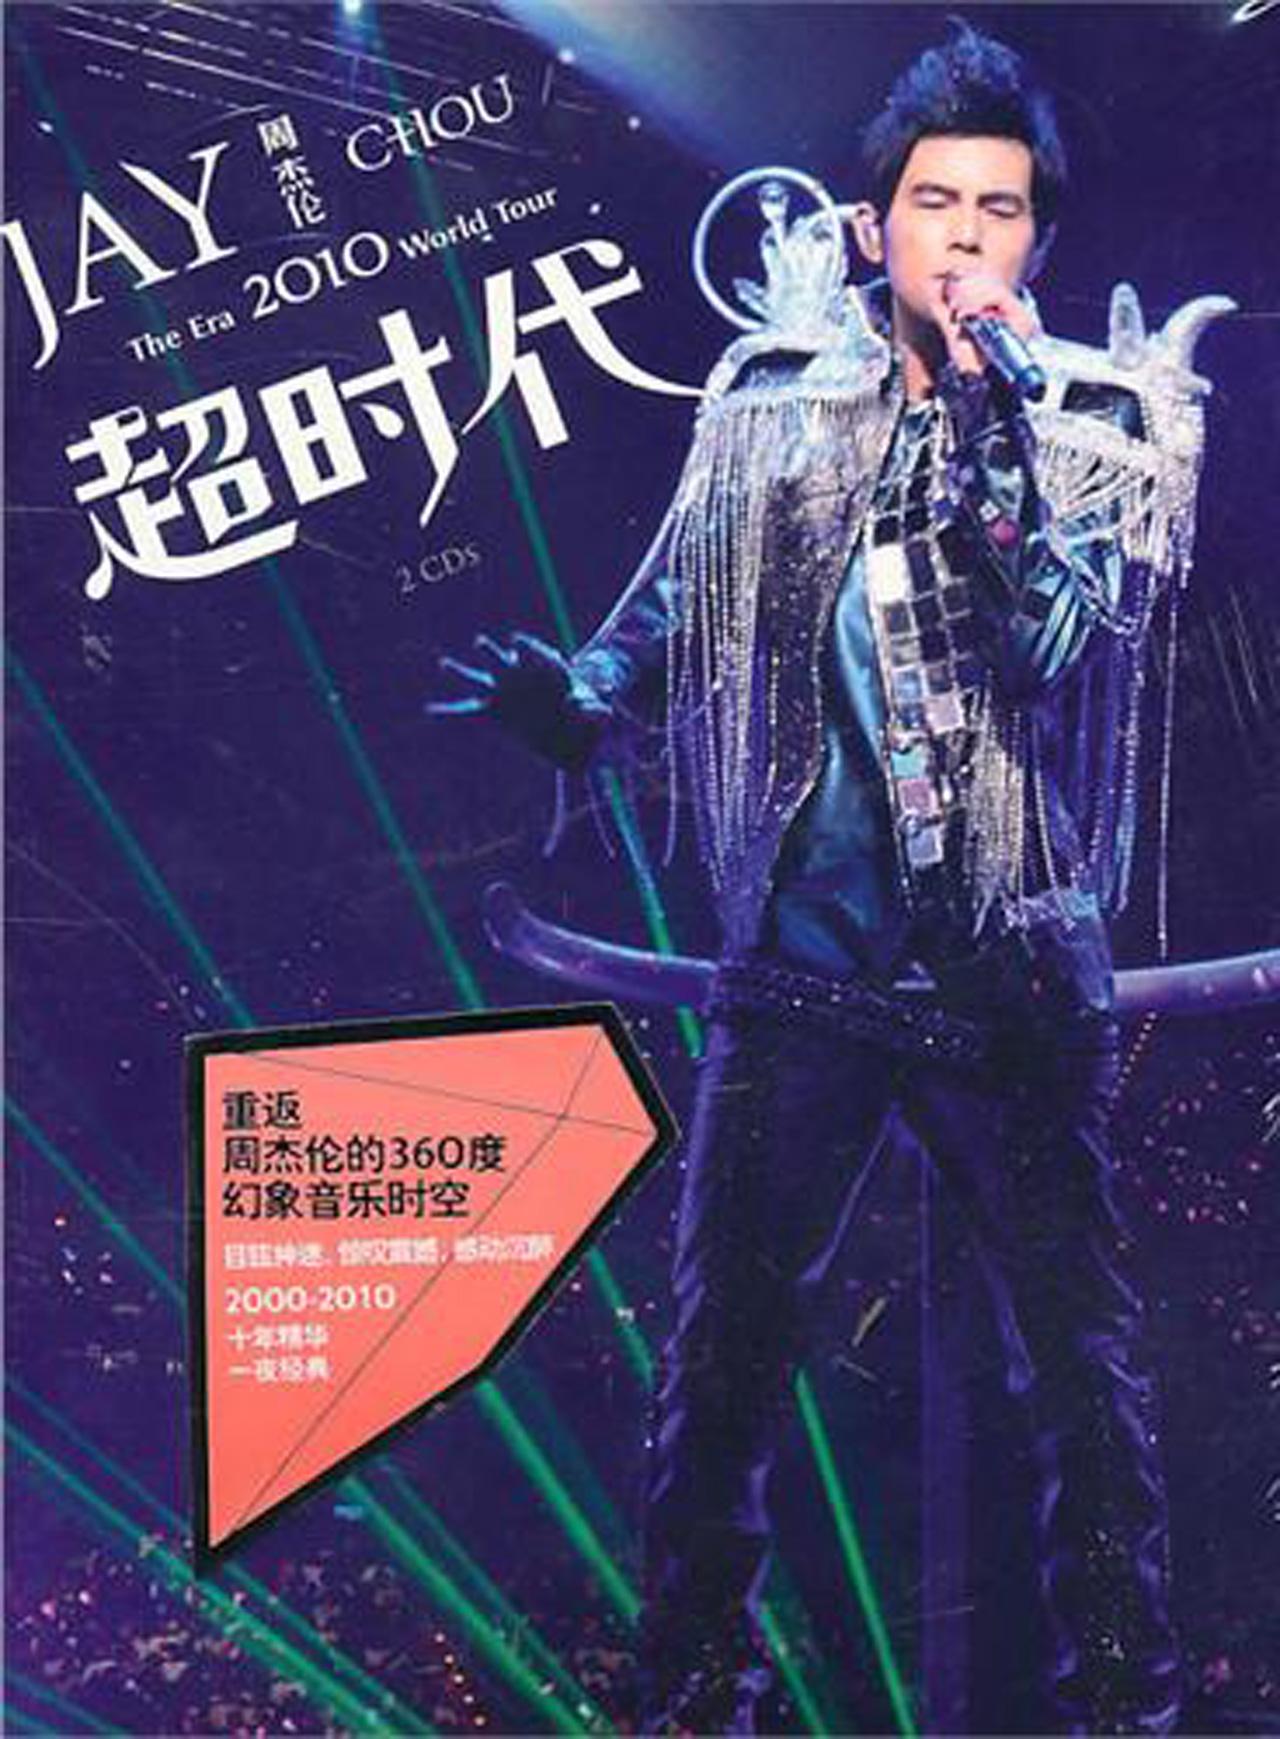 求2010周杰伦超时代世界巡回演唱会的大致曲目图片